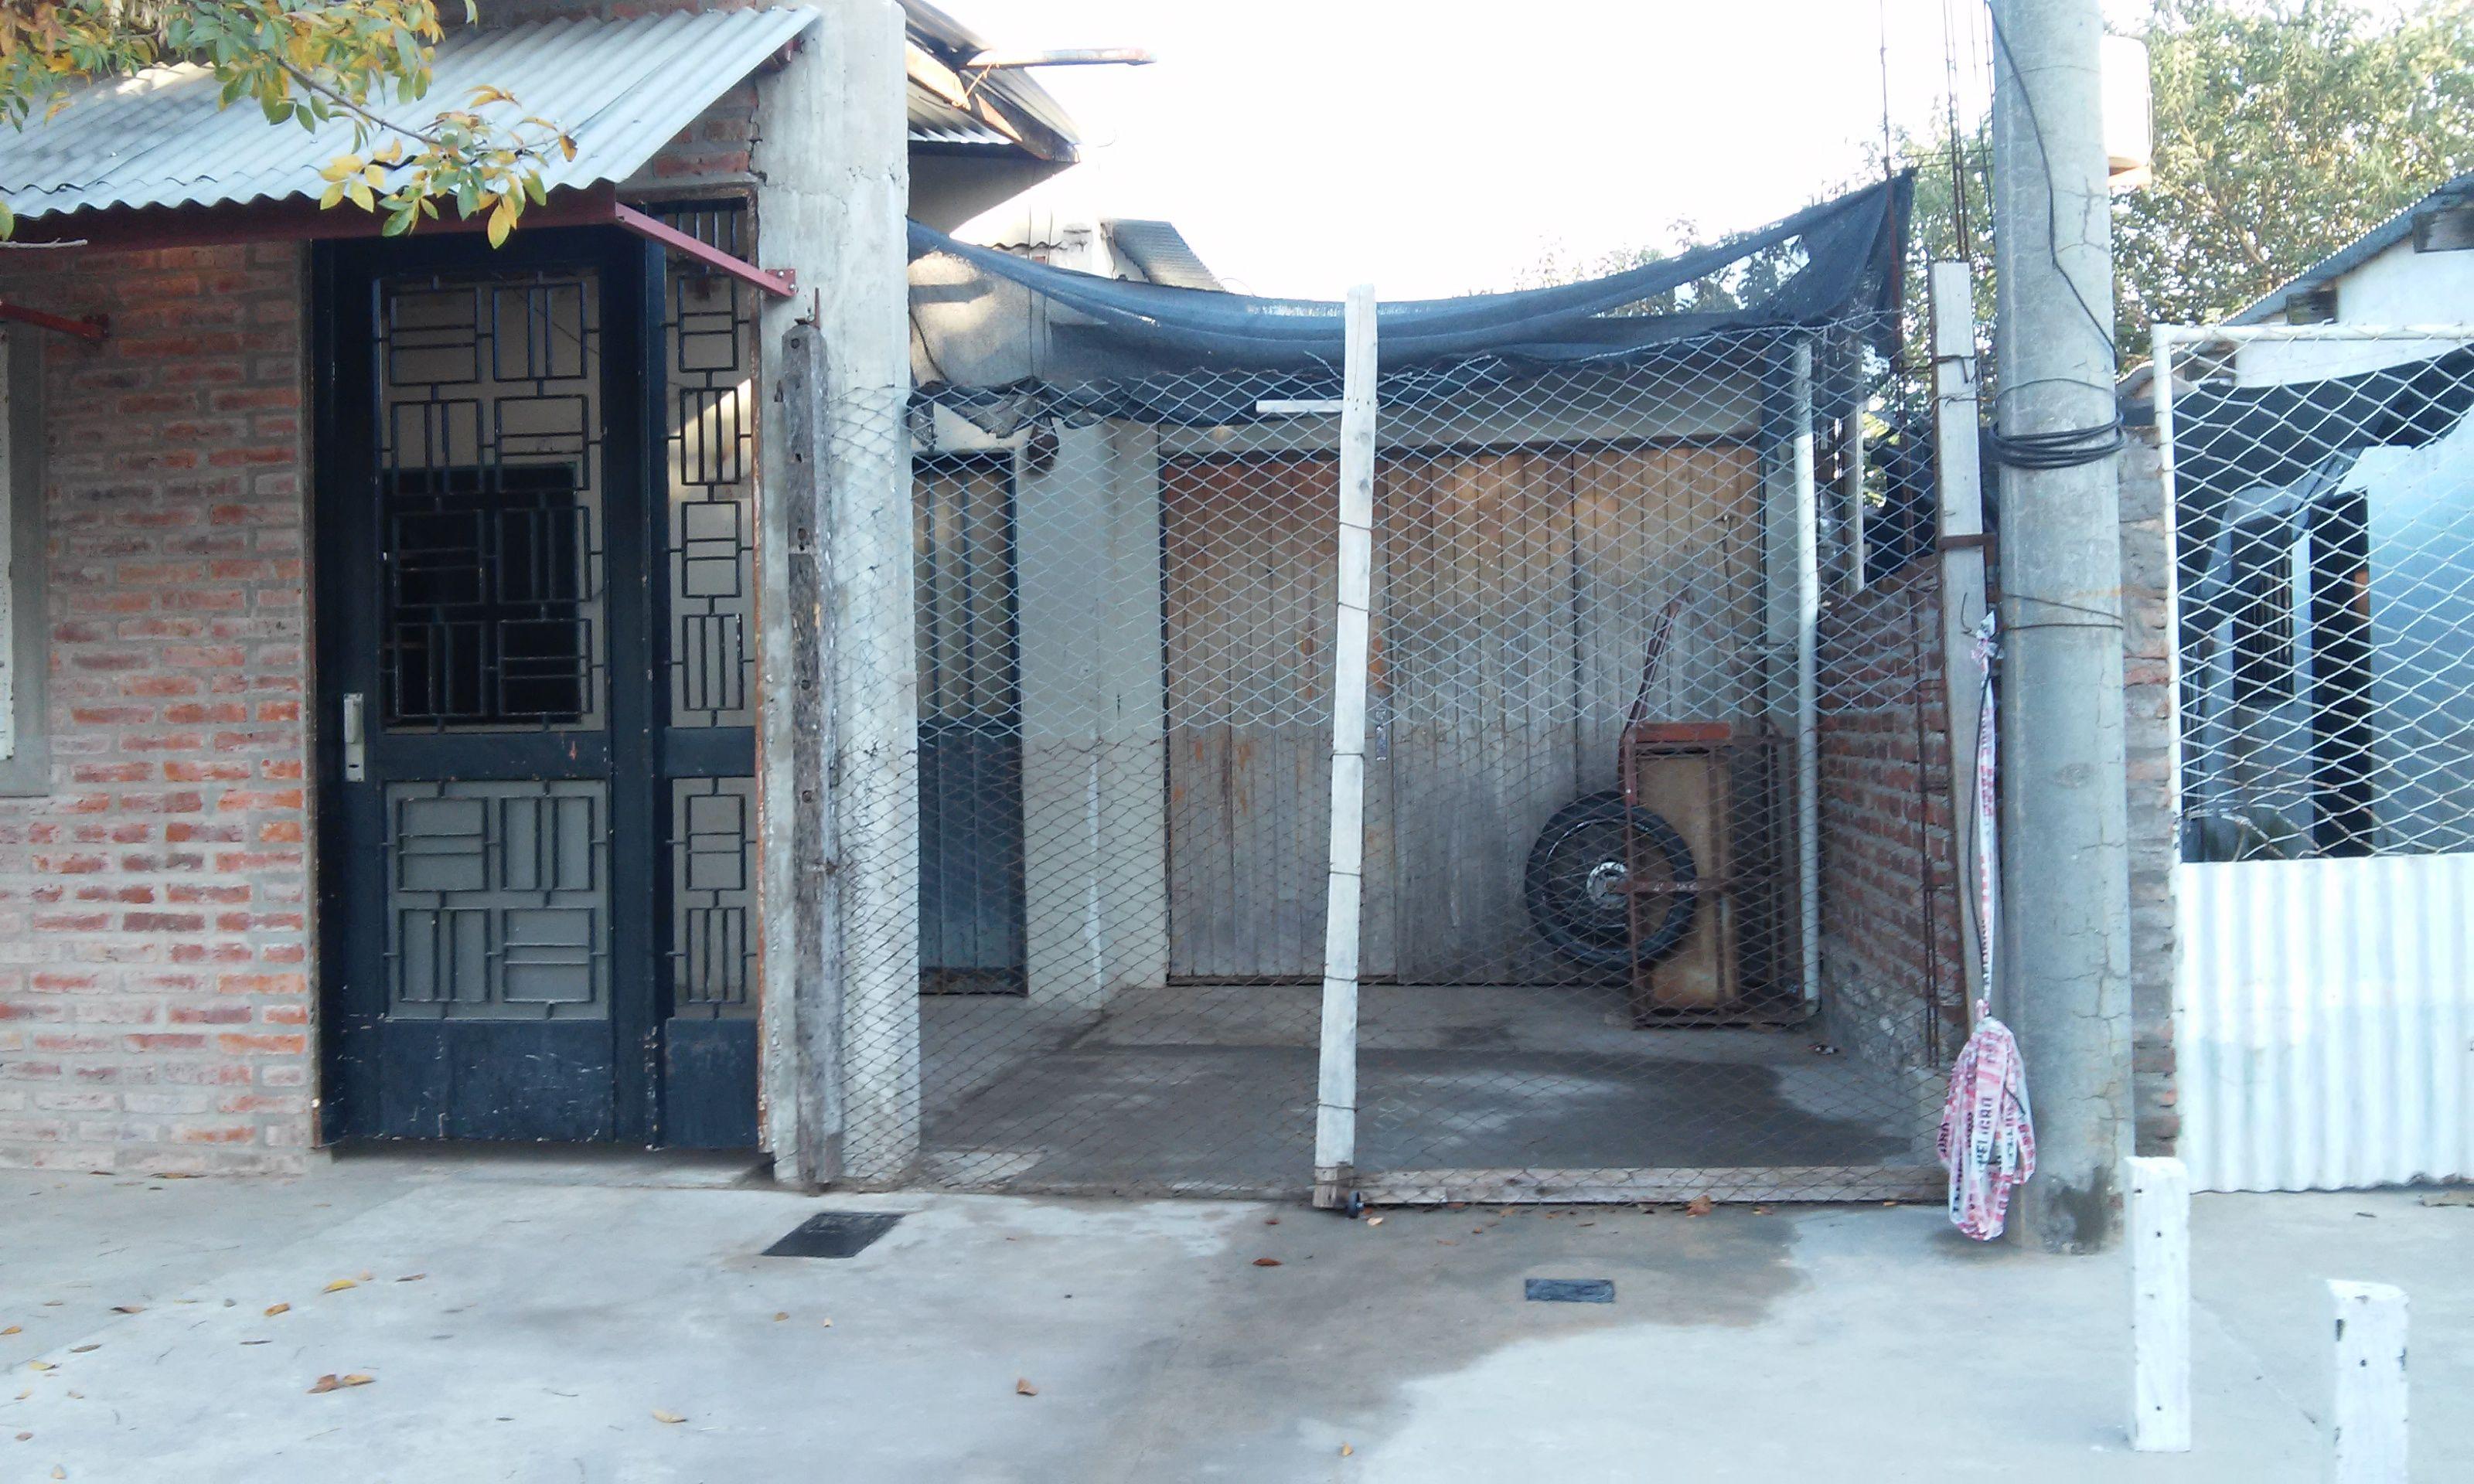 El lugar donde se produjo el homicidio en barrio Santa Lucía. (Foto: Sebastián S. Meccia)